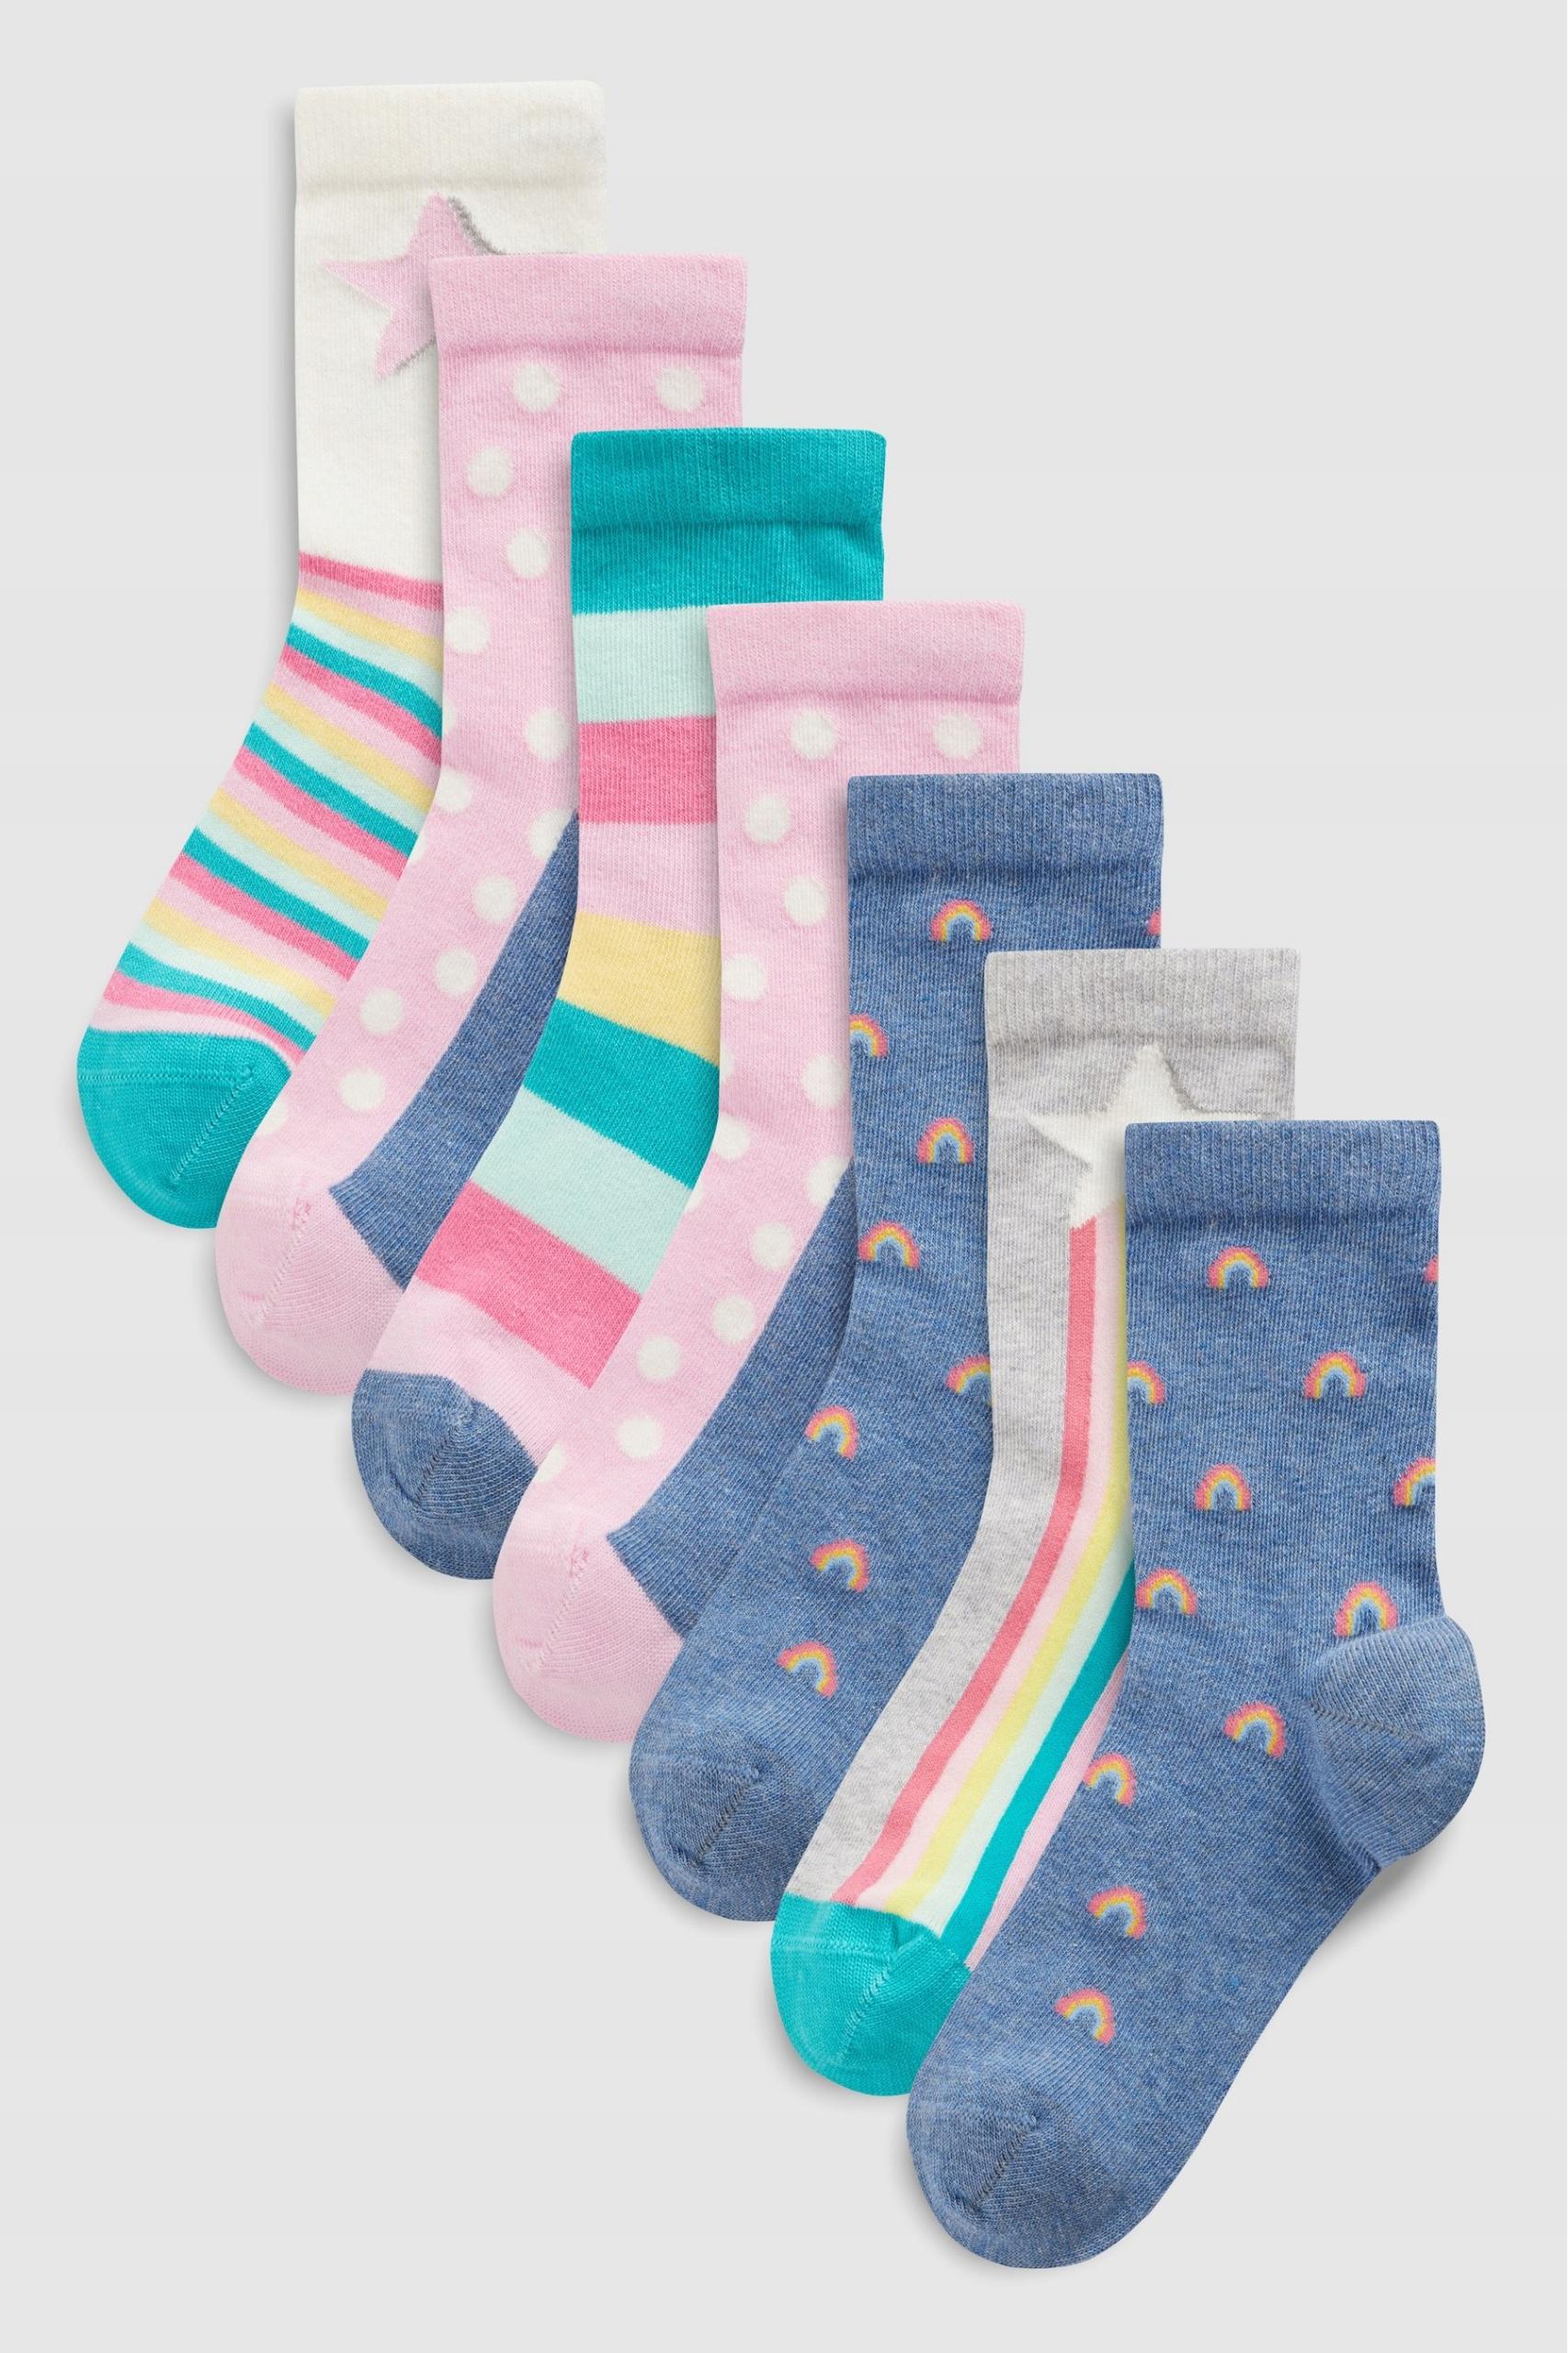 NEXT SKARPETY x7 Pastel Rainbow 3-5L/6-8.5 2019